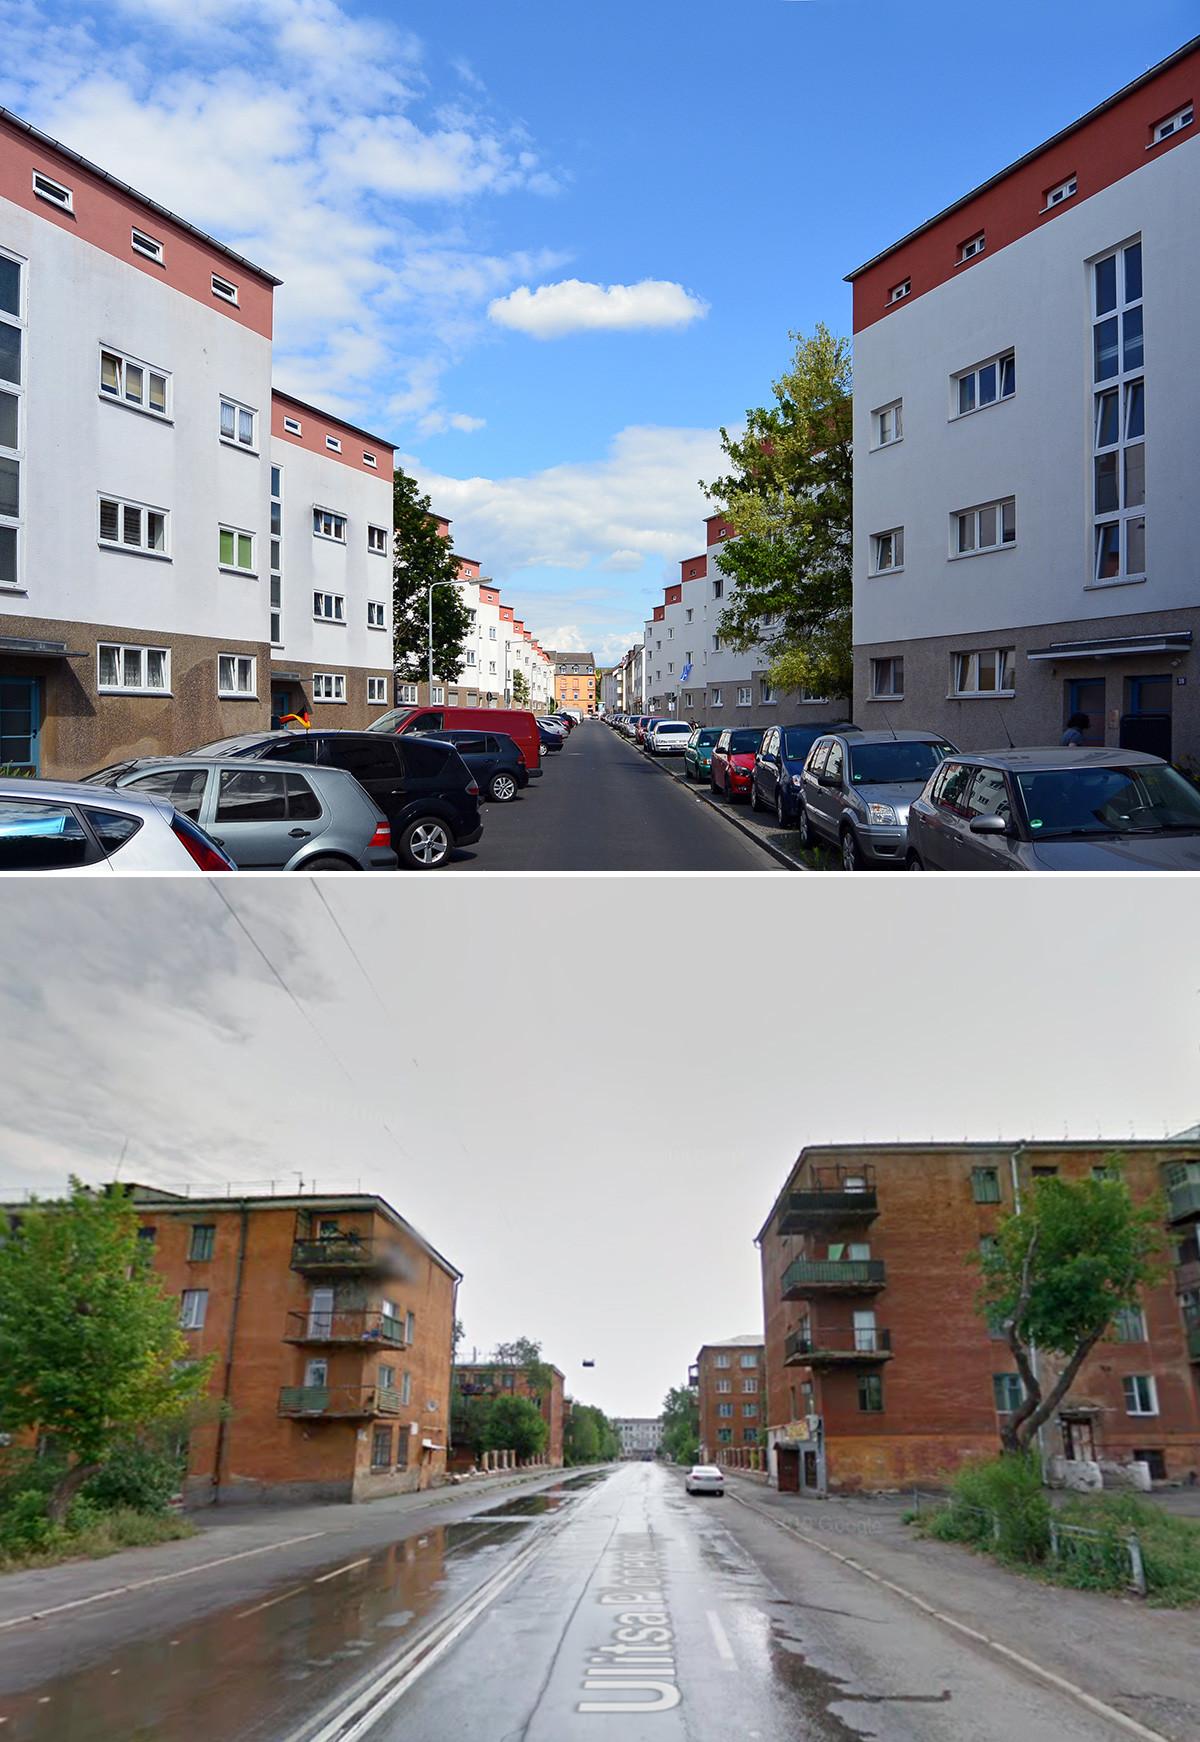 Cik-cak zgrade u Frankfurtu (gore) i na ulici Pionirska u Magnitogorsku (dolje)